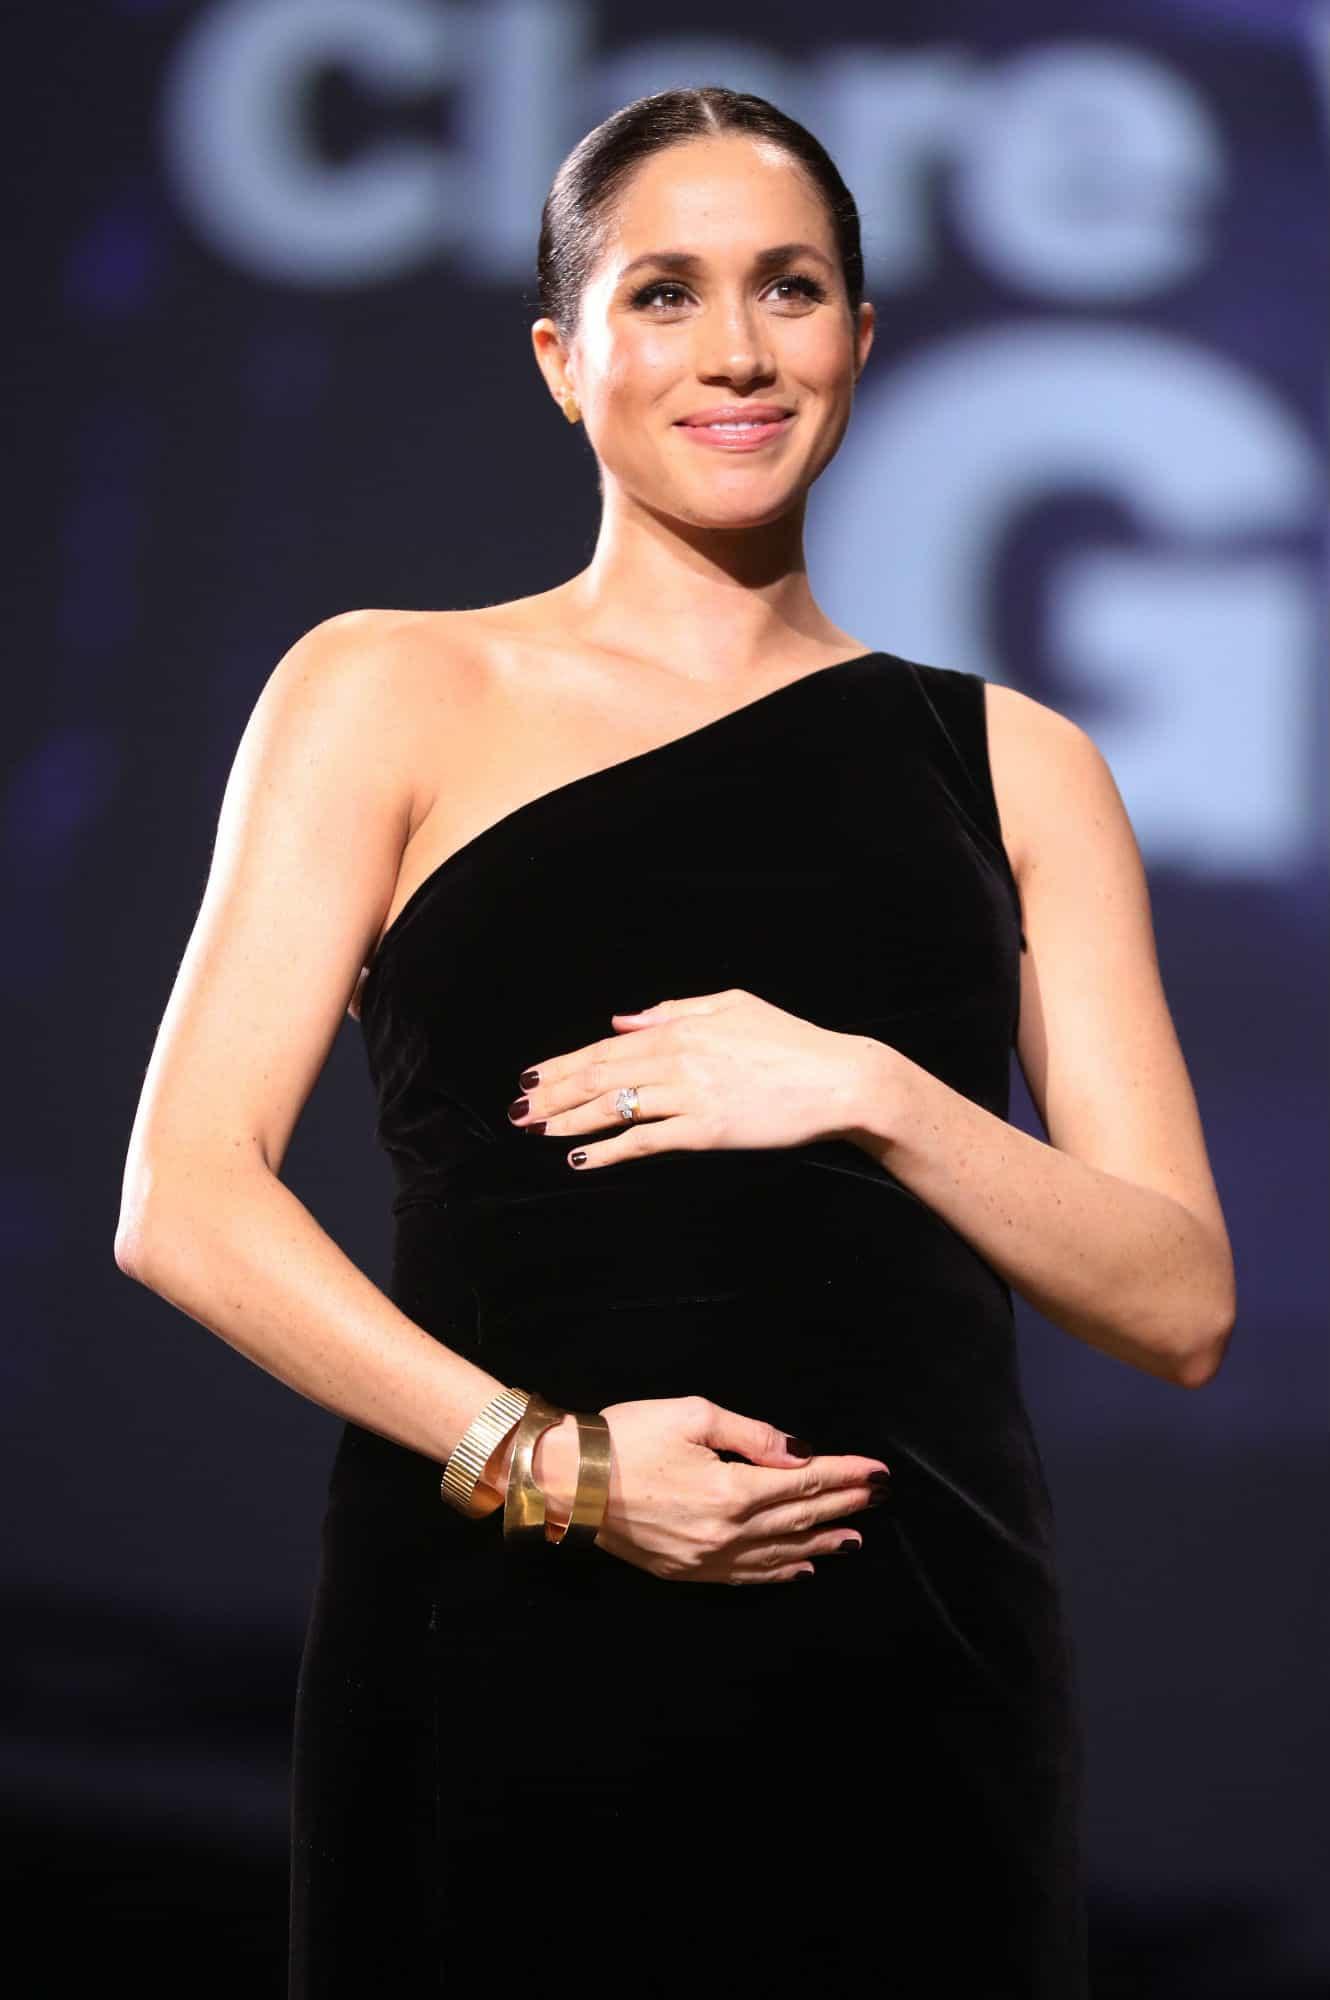 Mais uma bela foto da duquesa Meghan Markle e sua linda barriga de gravidez